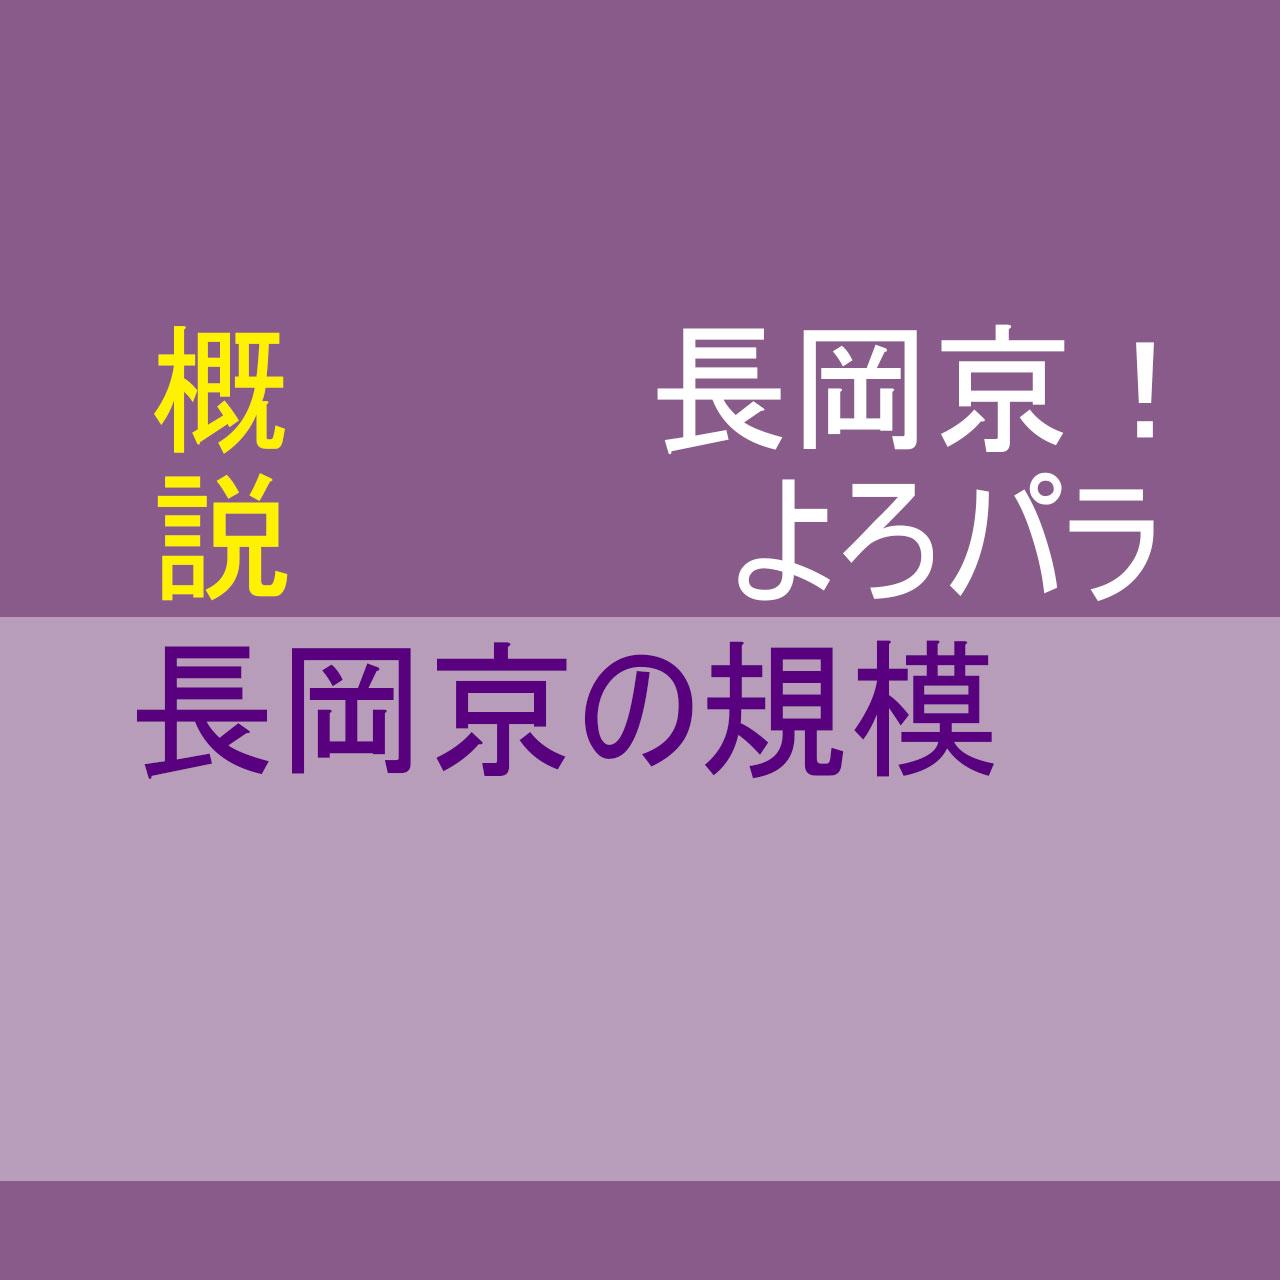 長岡京の規模